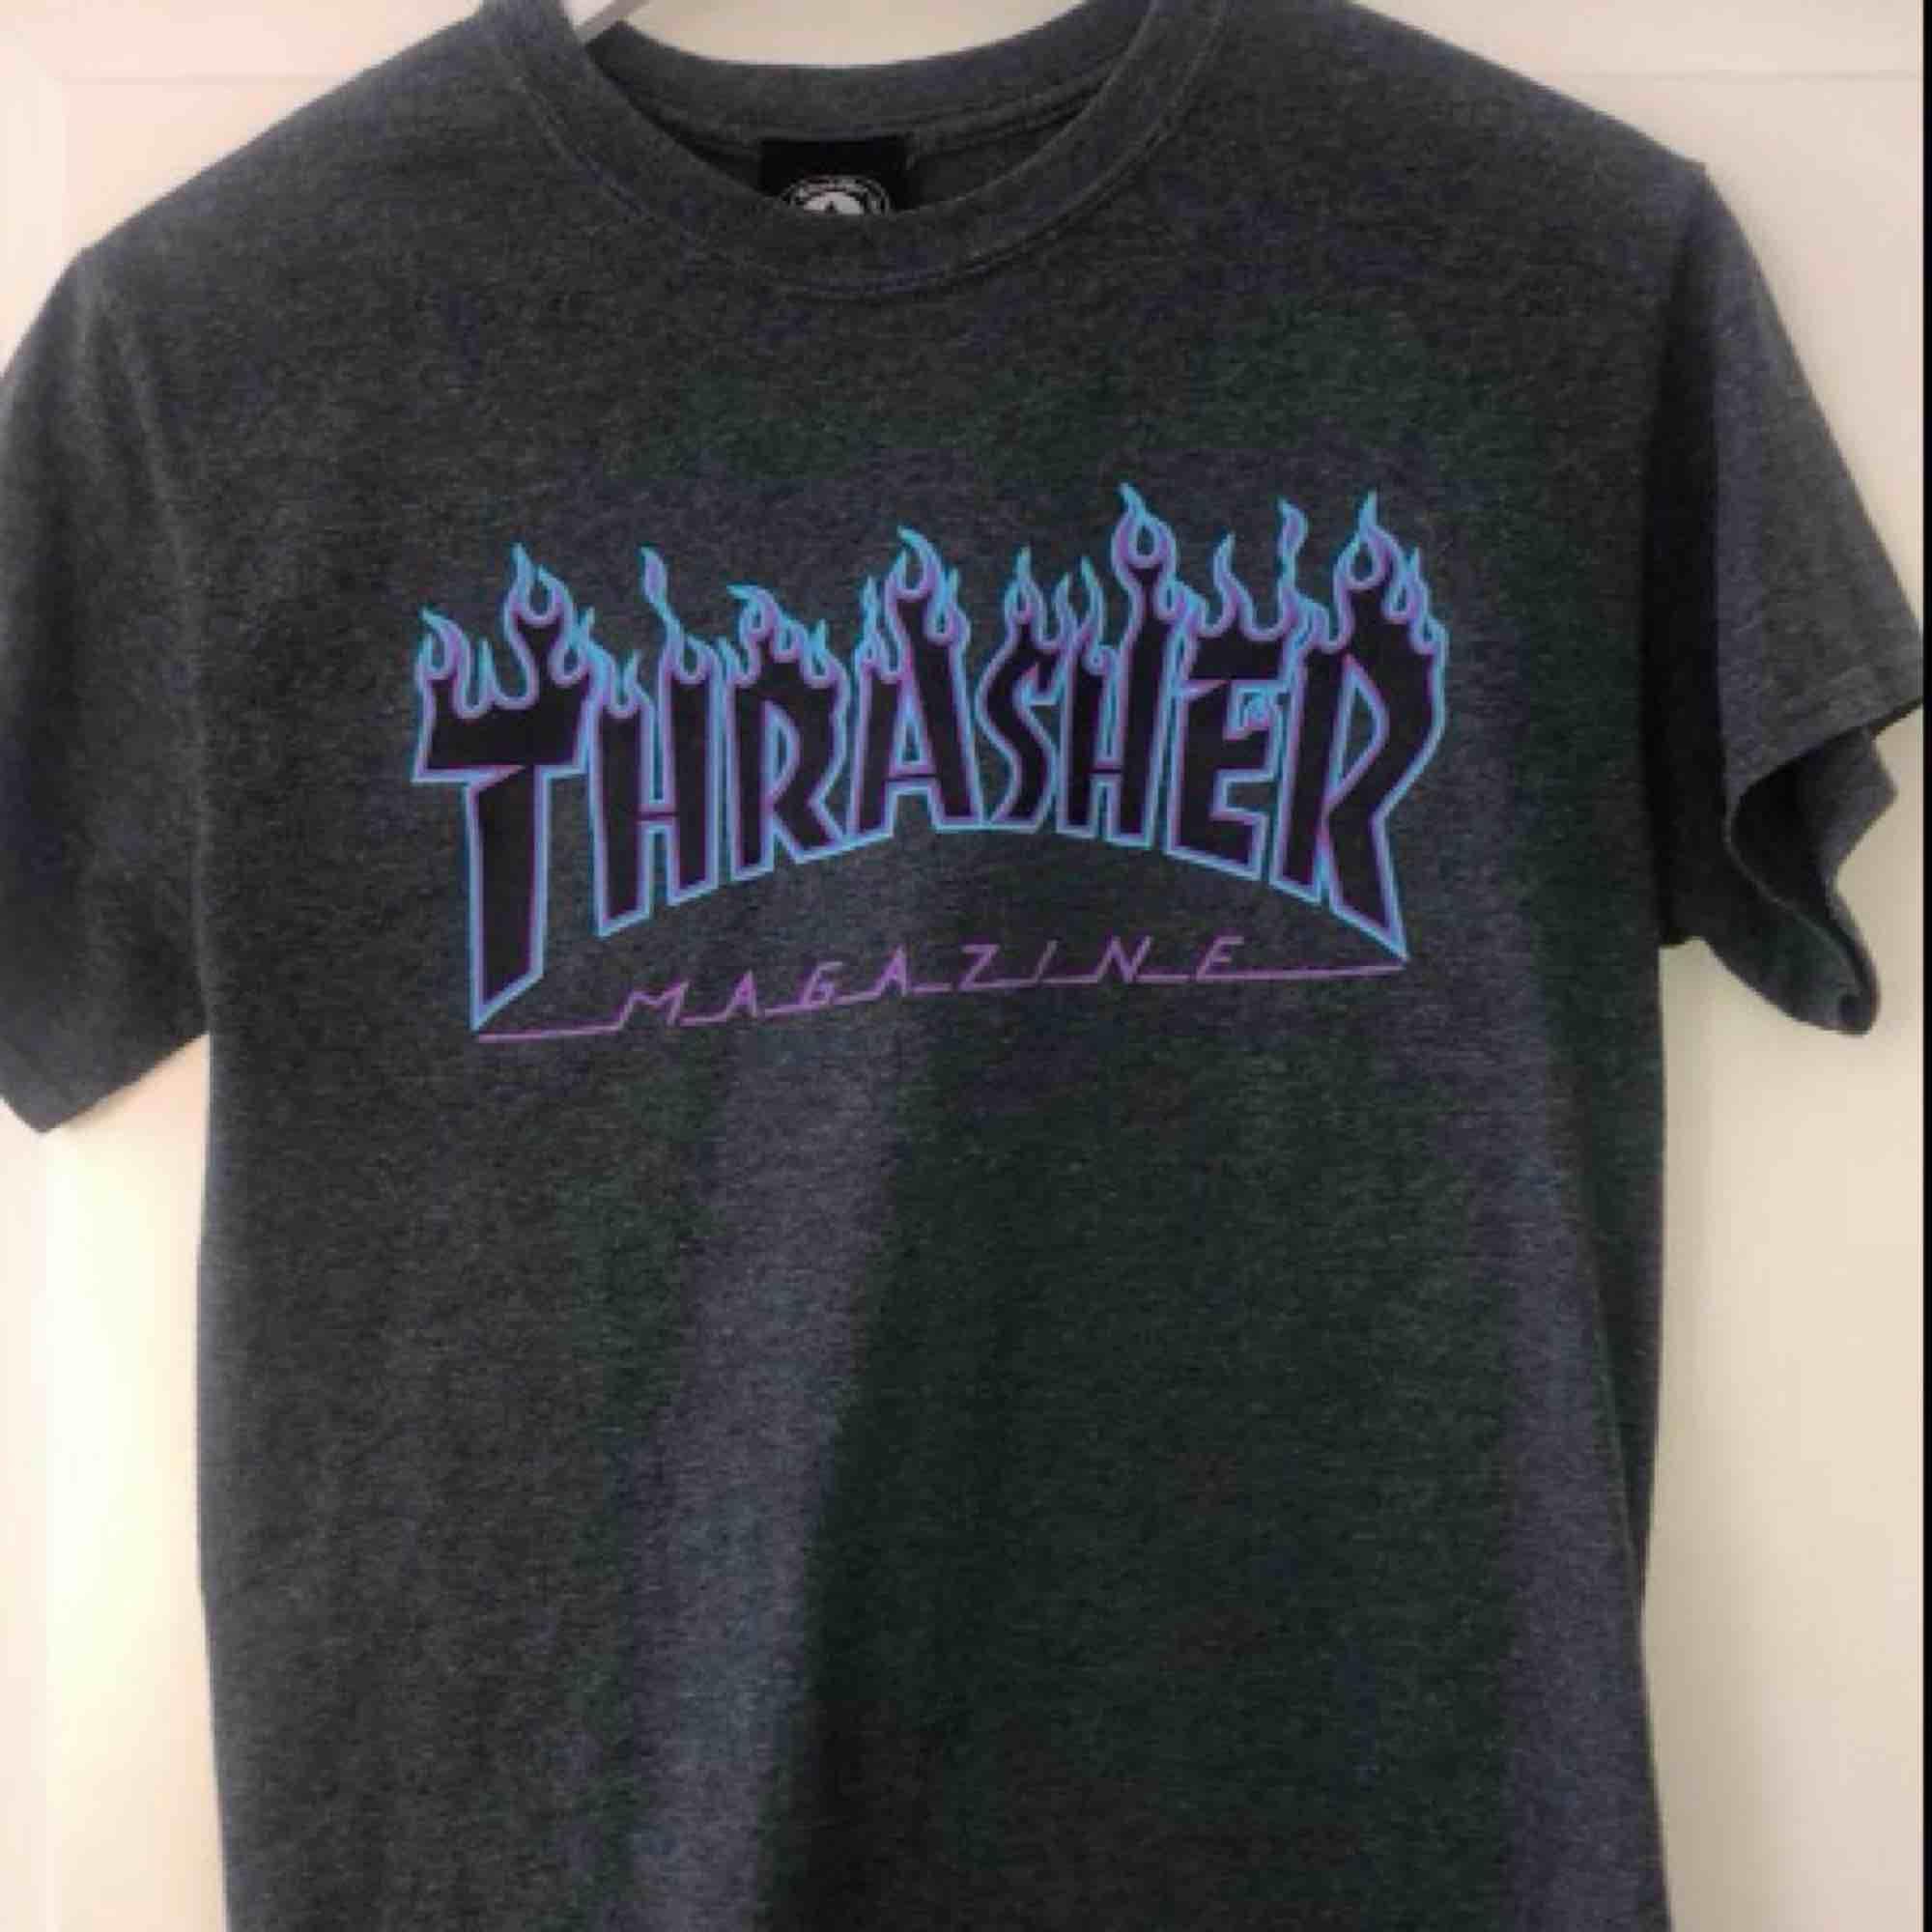 Äkta trasher t-shirt. Köpt för ungefär 550kr. Det är bara att ställa frågor om ni undrar något finns inga dumma frågor☺️ högsta bud: 300kr. T-shirts.